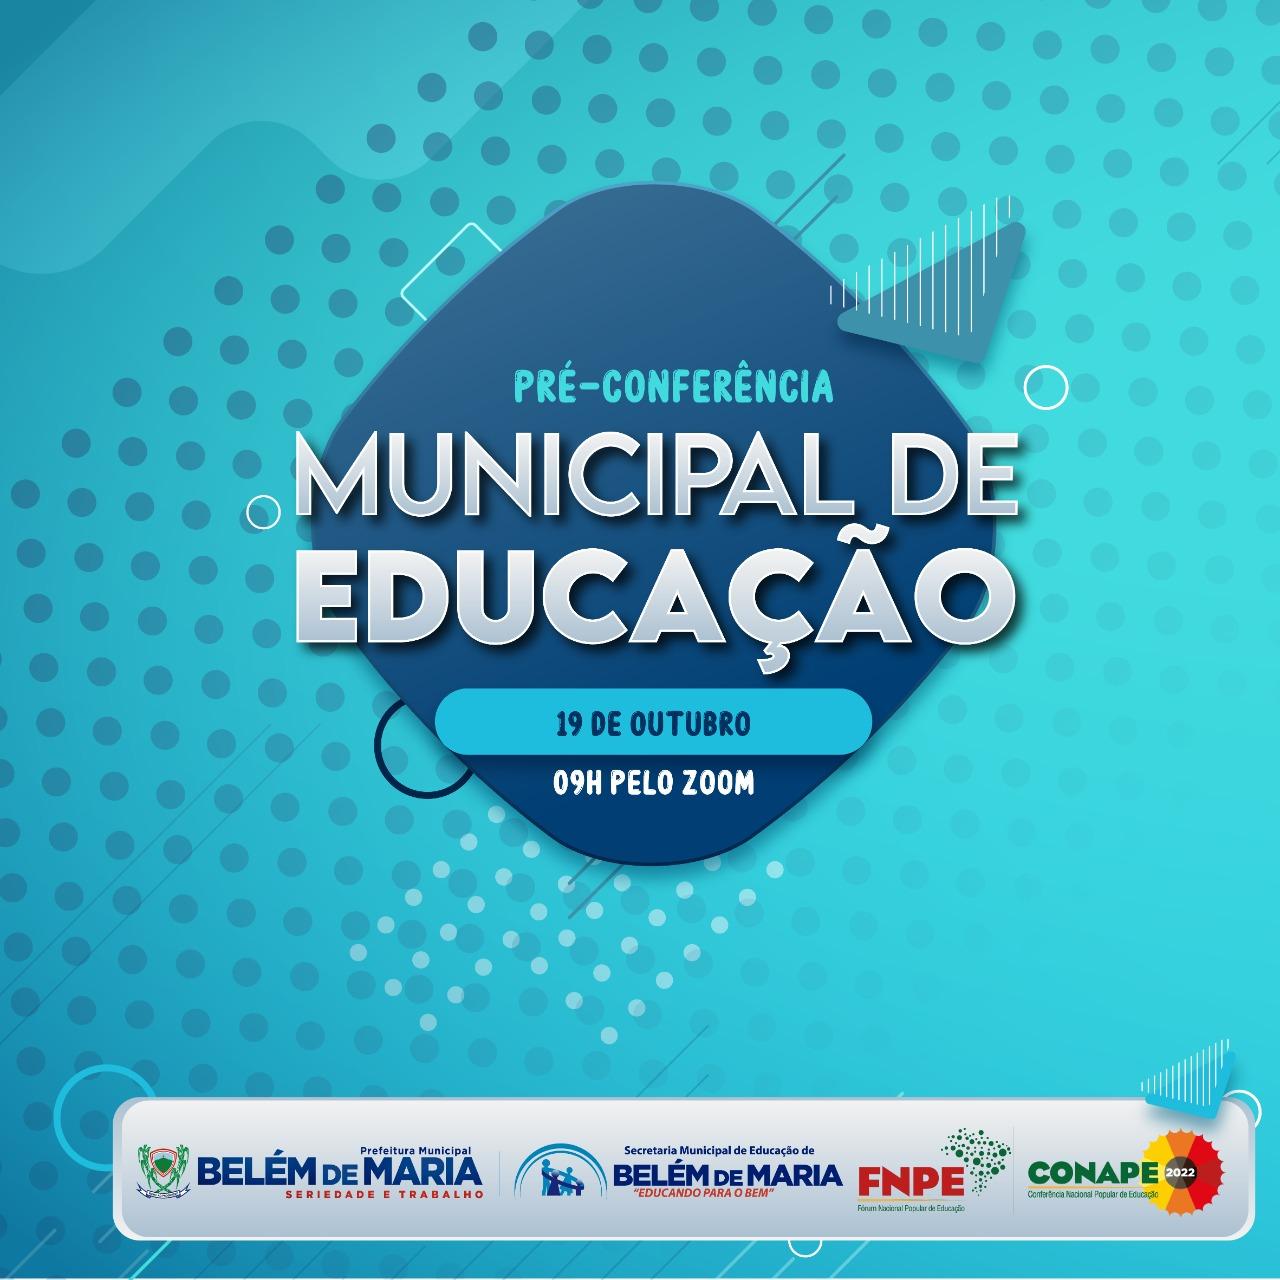 MUNICIPIO DE BELÉM DE MARIA REALIZA PRÉ - CONFERÊNCIA MUNICIPAL DE EDUCAÇÃO